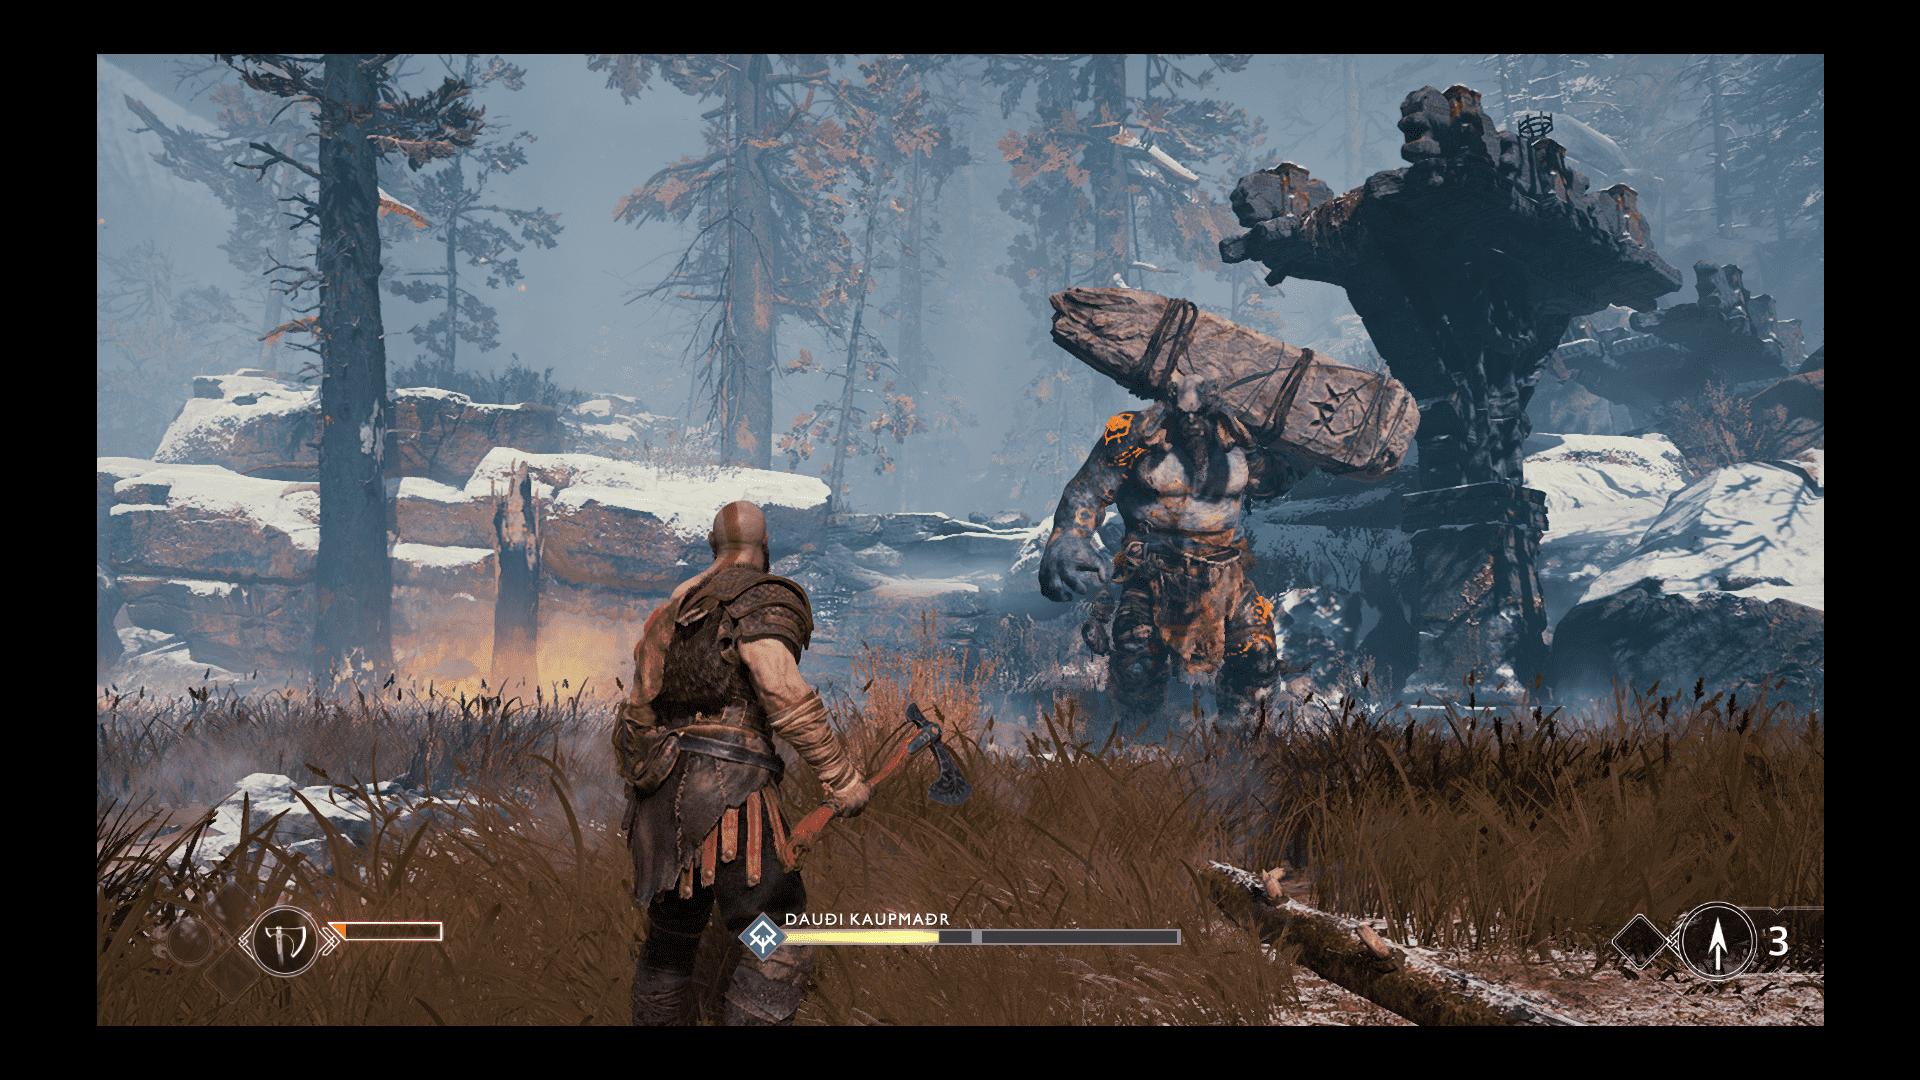 """God of War - recenzja gry gry-i-aplikacje recenzja gry God of War, PS4, God of War na PS4, God of War  """"Znajomość"""" z Kratosem rozpocząłem za czasów grania w dwie pierwsze odsłony God of War na PlayStation 2. Potem udało mi się ograć dwie edycje na PSP, zwieńczenie trylogii, ale odpuściłem wydane na siłę Wstąpienie. God of War 20180509073520"""